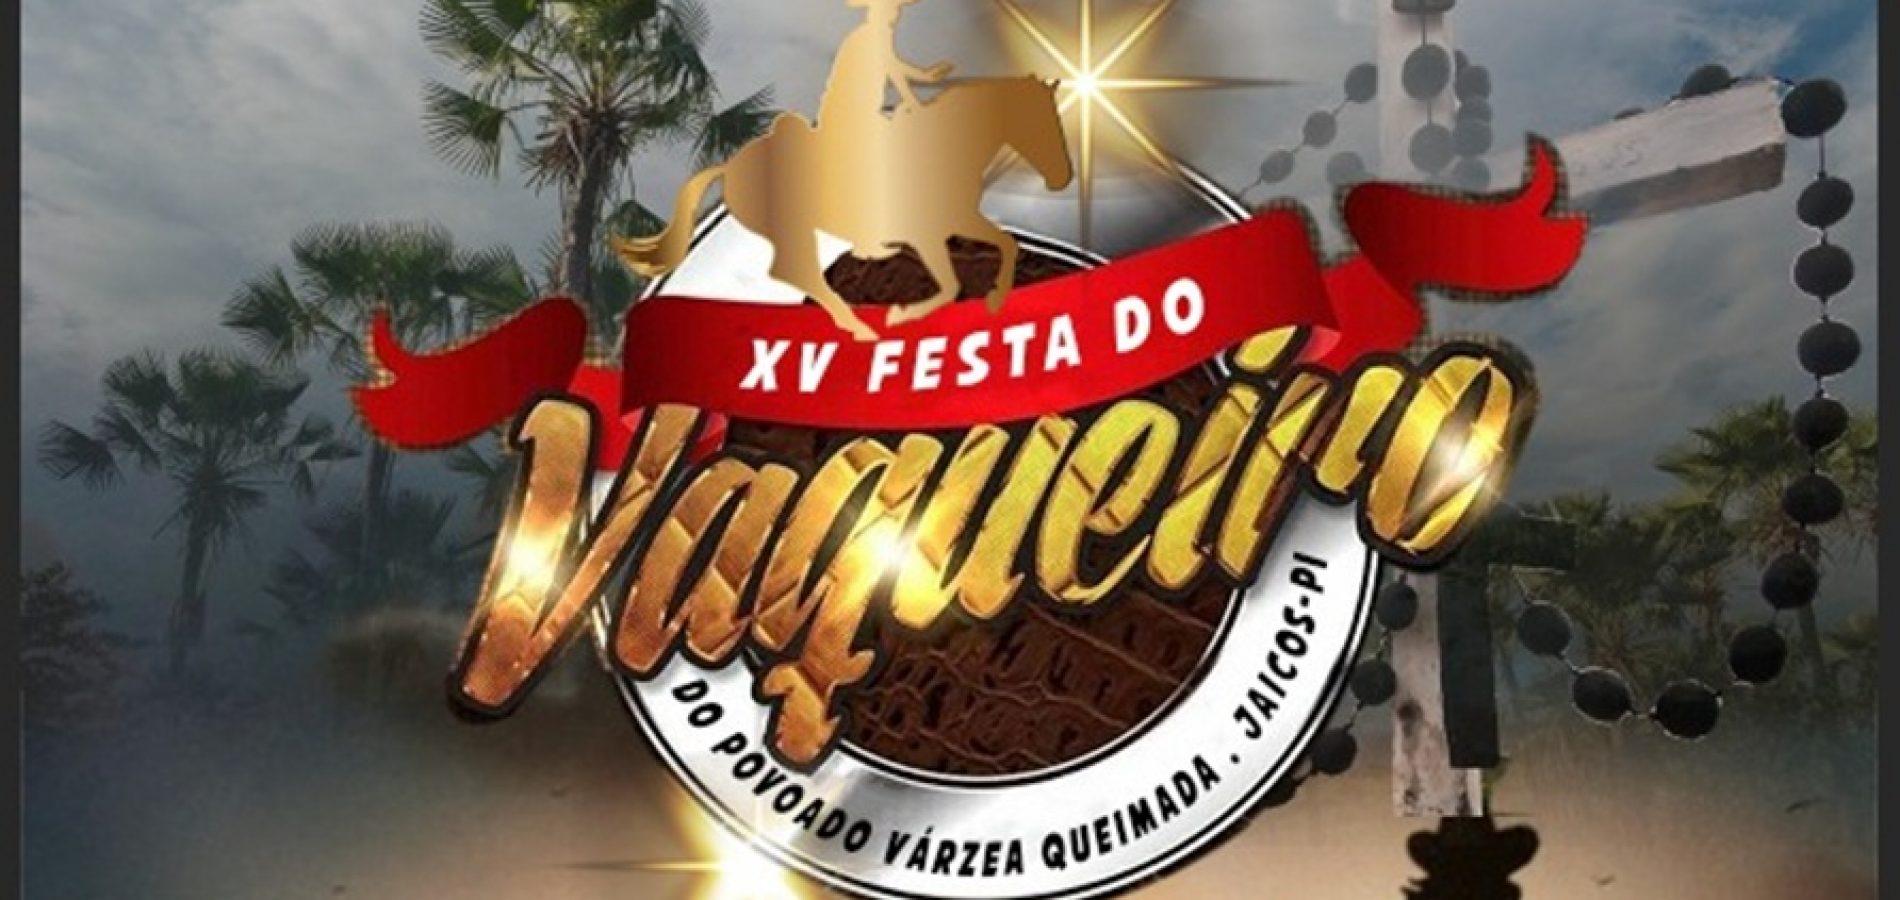 JAICÓS | Forró Bandido é a terceira atração confirmada para a Festa do Vaqueiro do Pov. Várzea Queimada